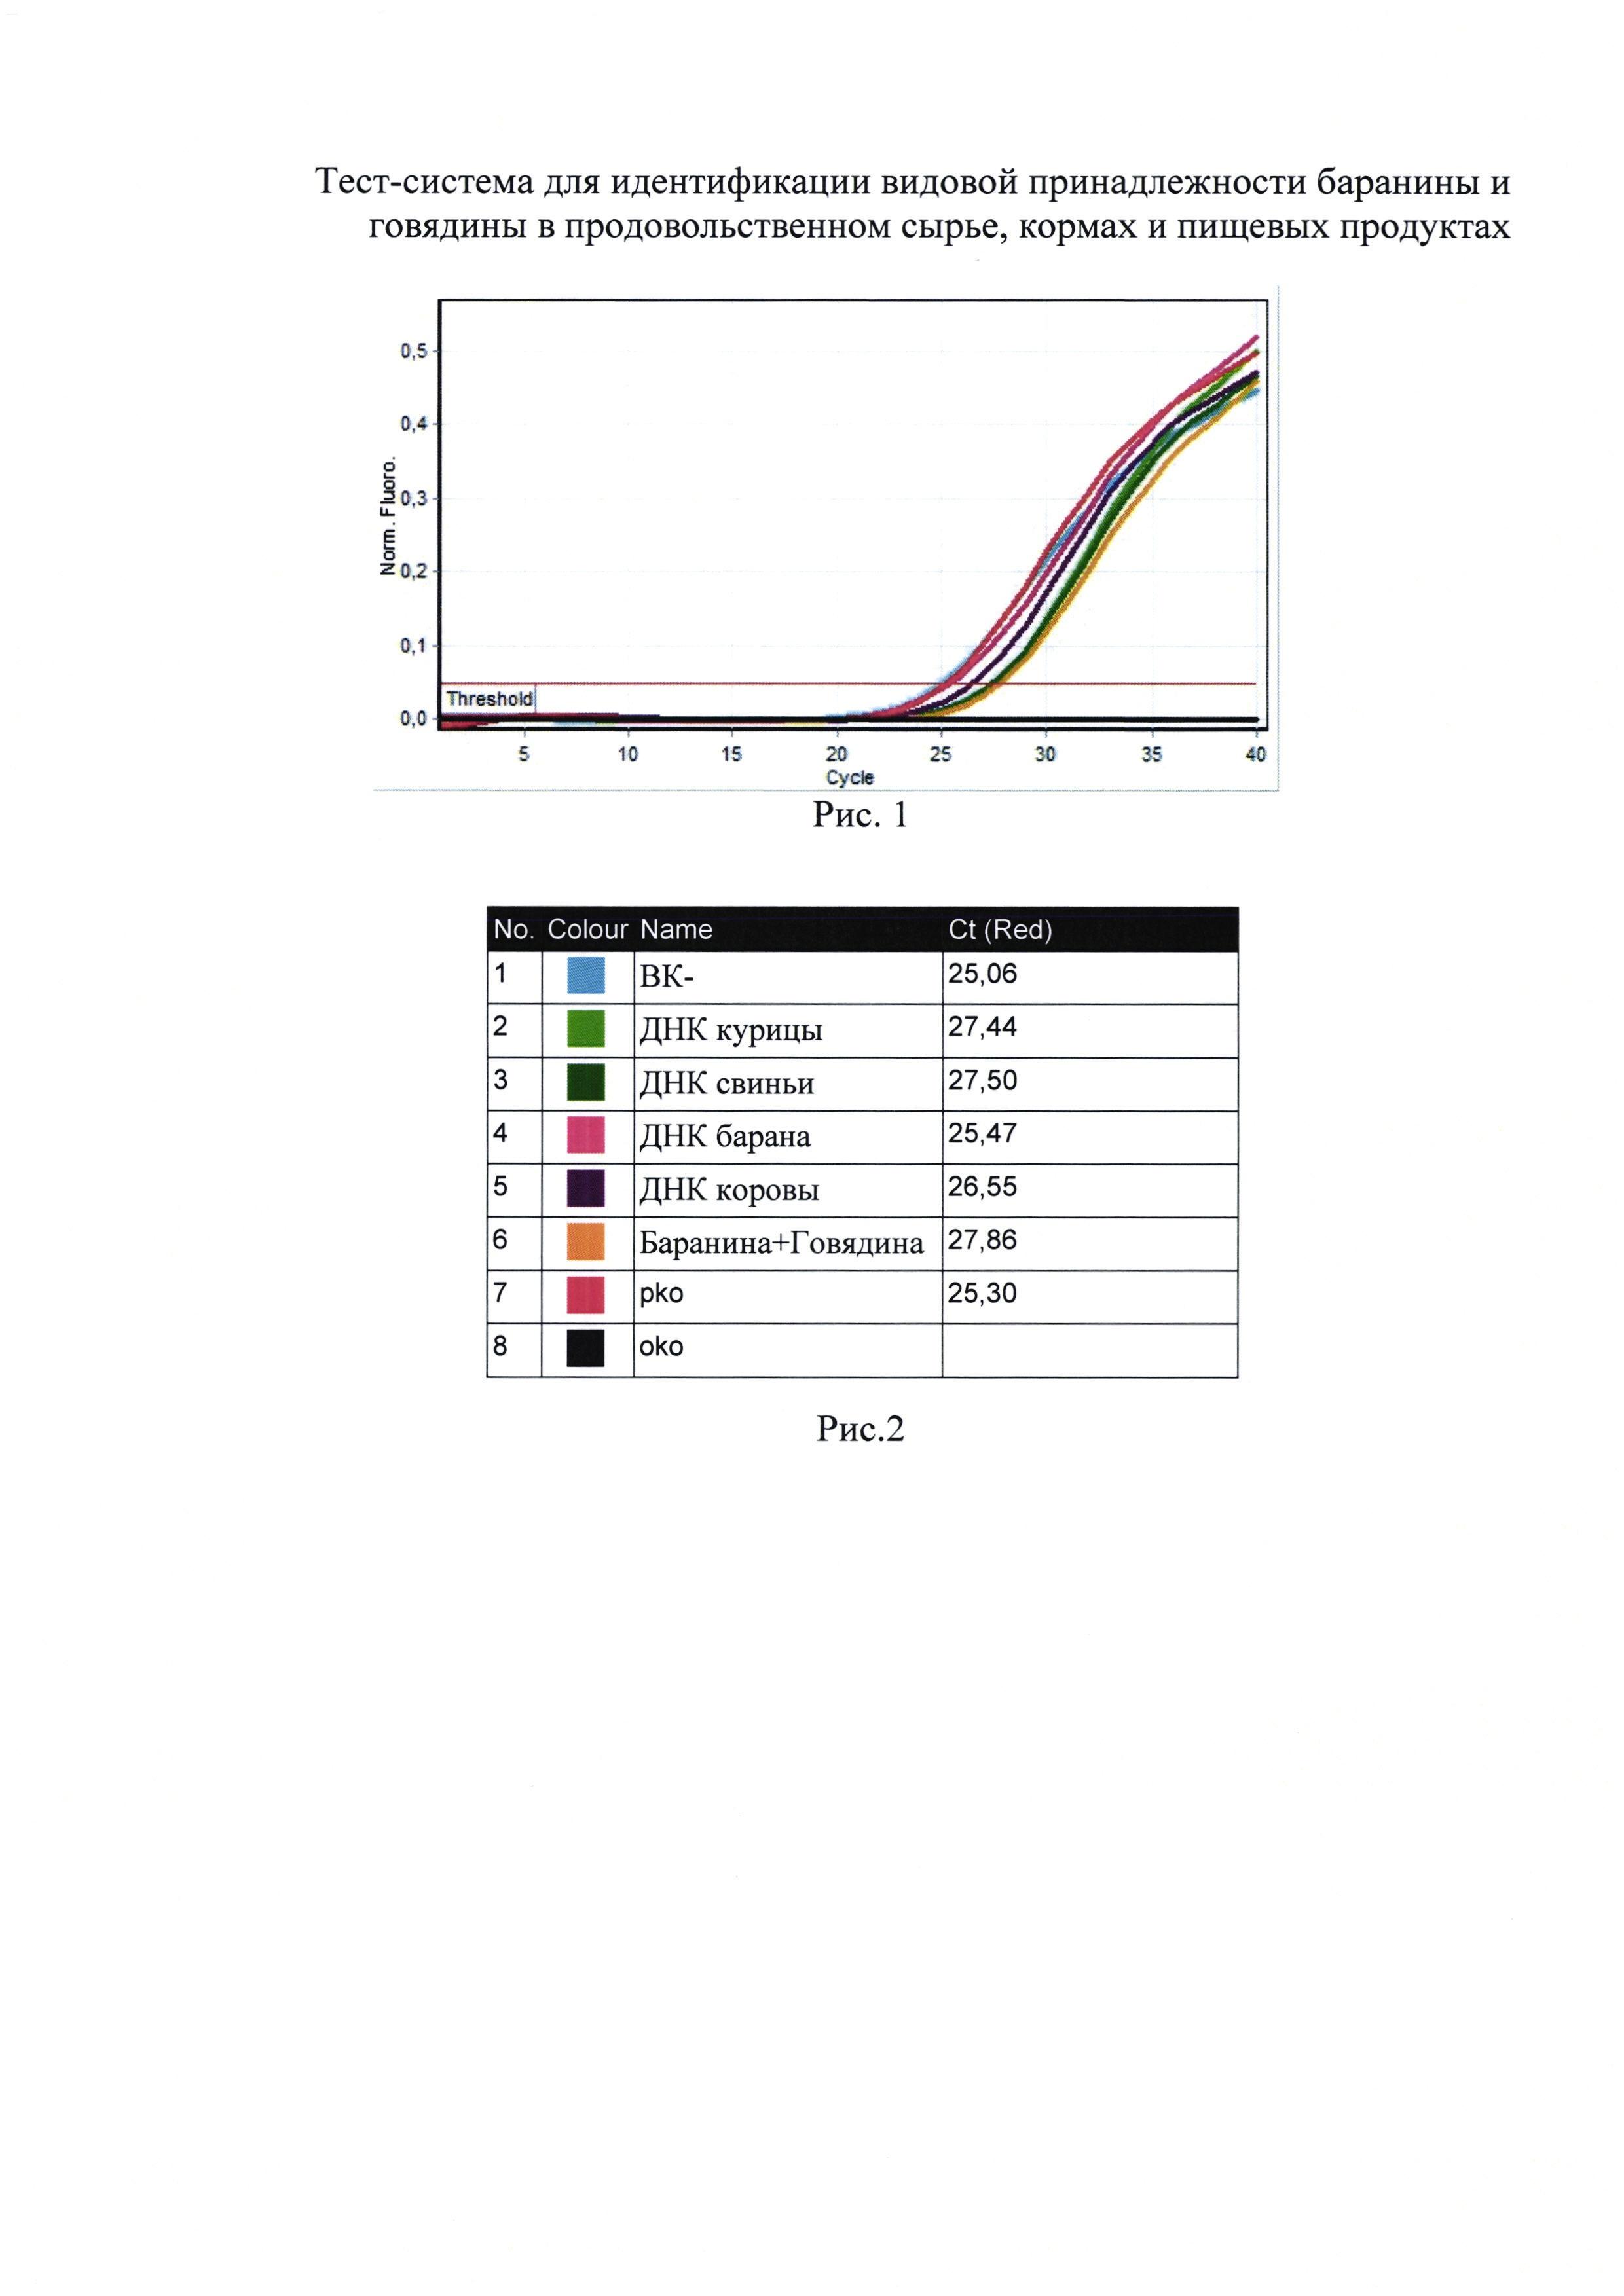 Тест-система для идентификации видовой принадлежности баранины и говядины в продовольственном сырье, кормах и пищевых продуктах